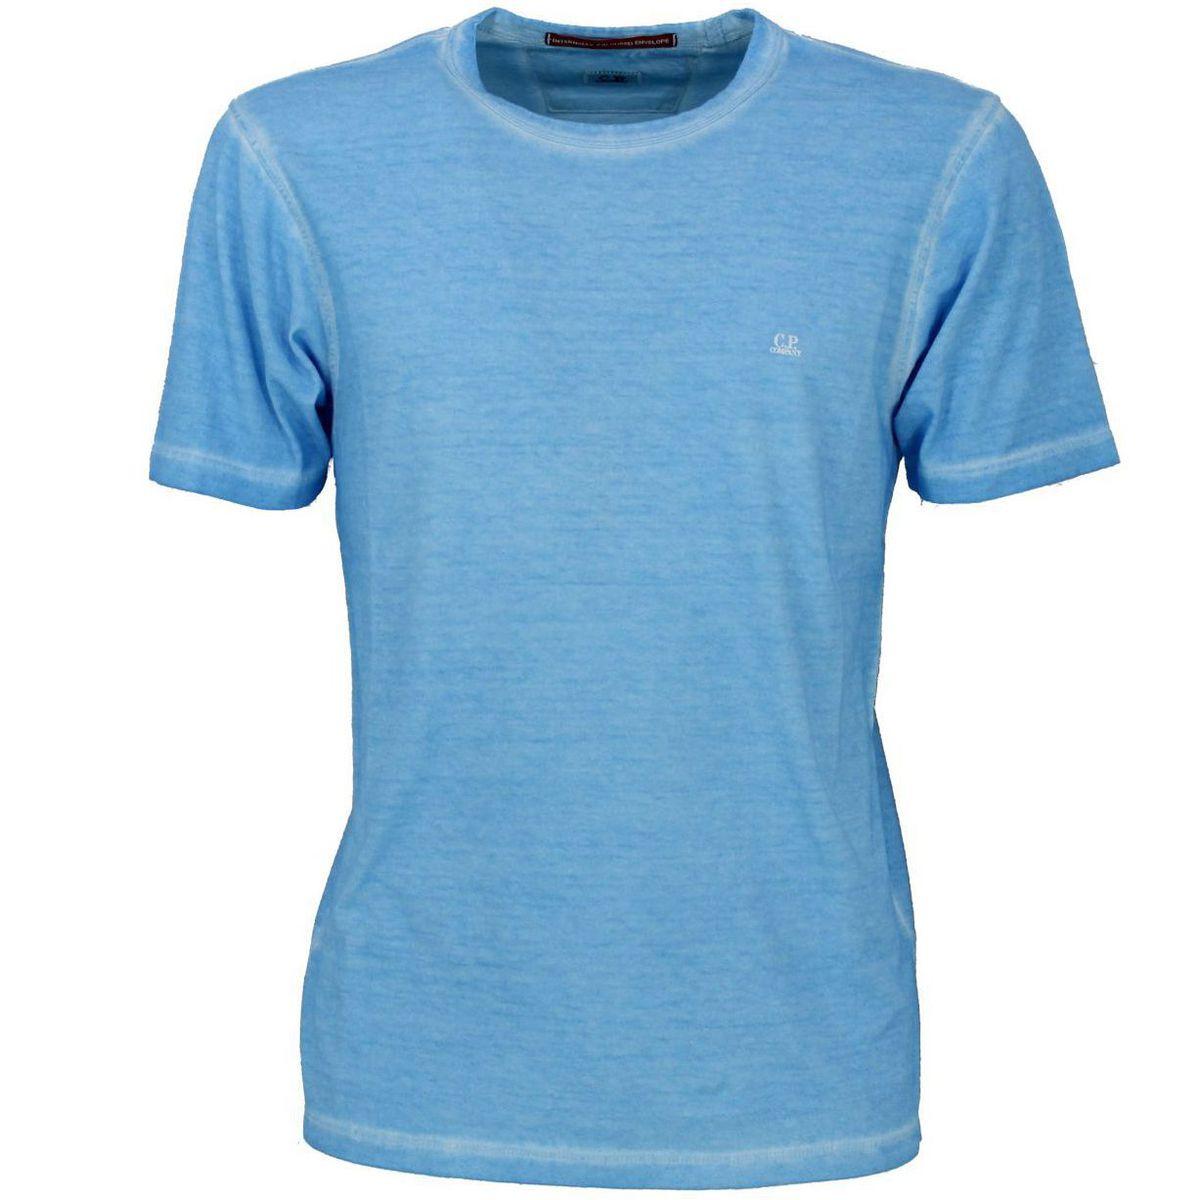 T-shirt girocollo in cotone Azzurro C.P. Company